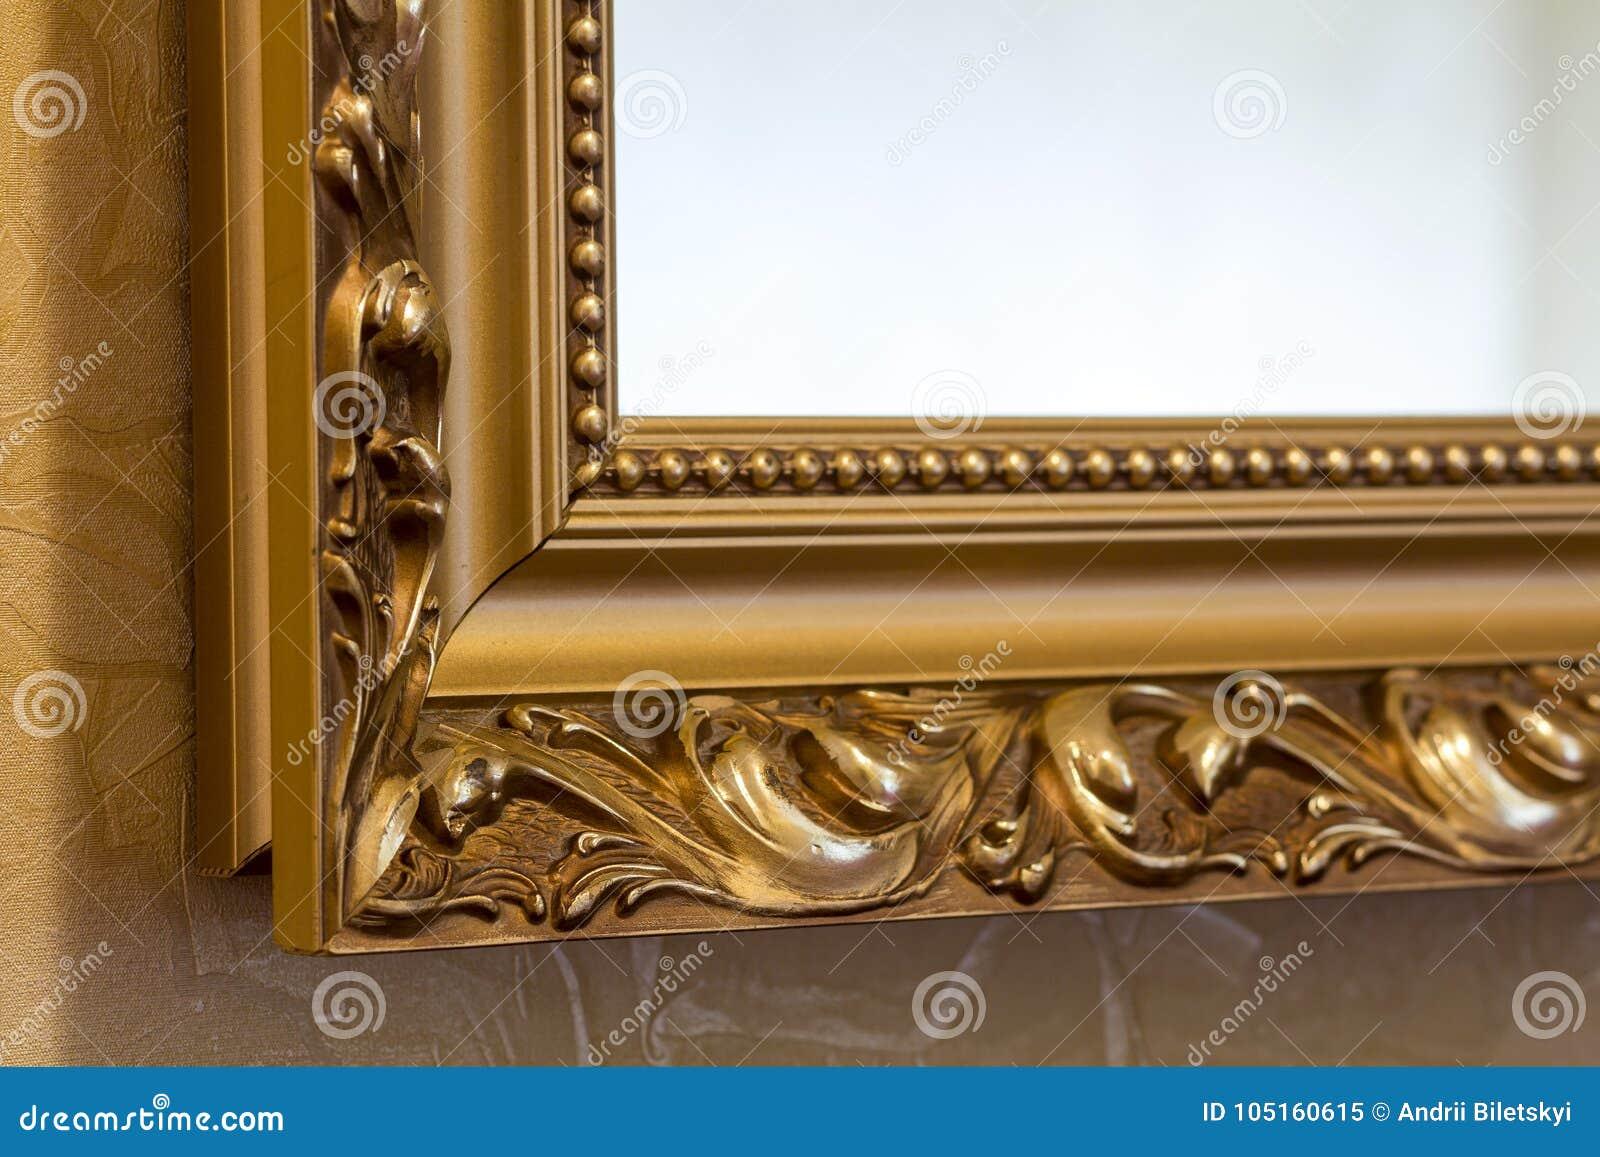 Der Teil Der Aufwändigen, Goldenen Farbe Schnitzte Spiegelrahmen In ...